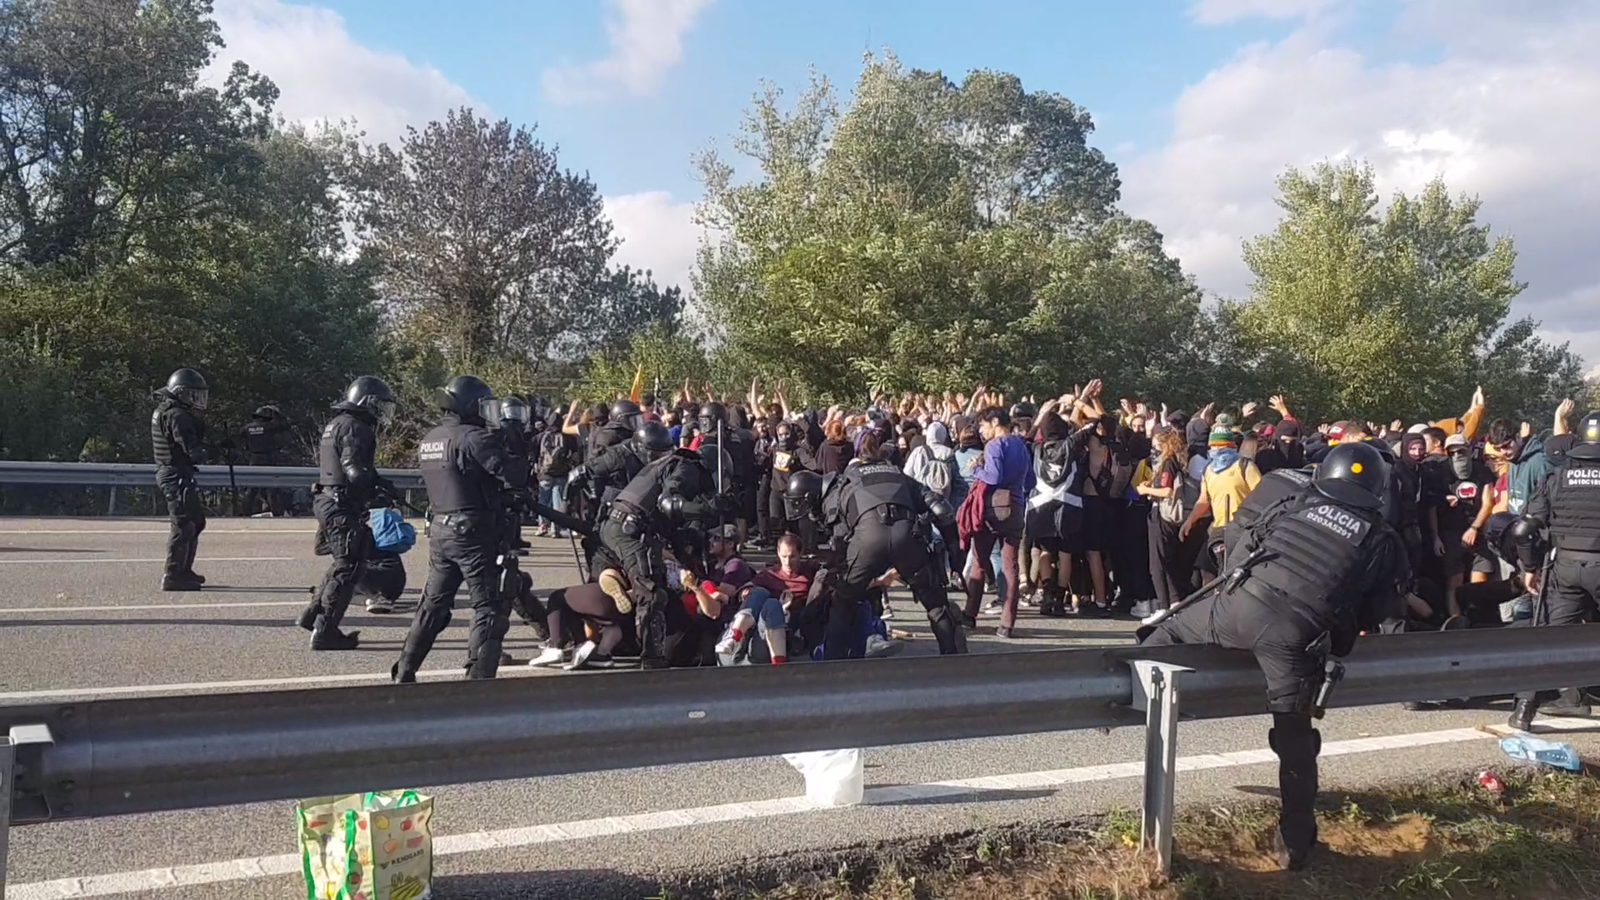 Els Mossos d'Esquadra carreguen contra els manifestants que bloquejaven l'AP-7 a Girona